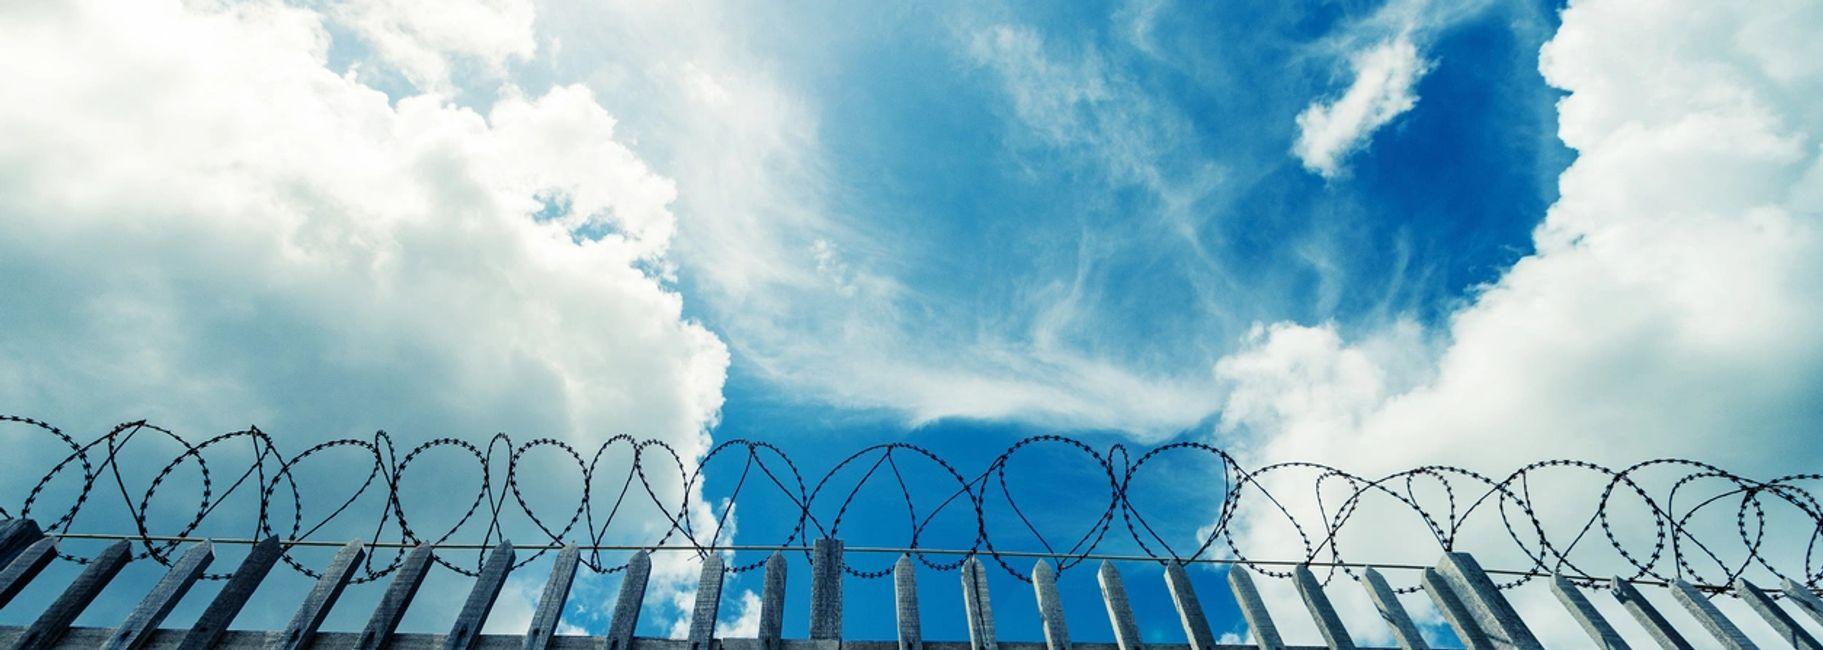 Pueblo County Jail Inmate Search - Colorado Springs Inmate